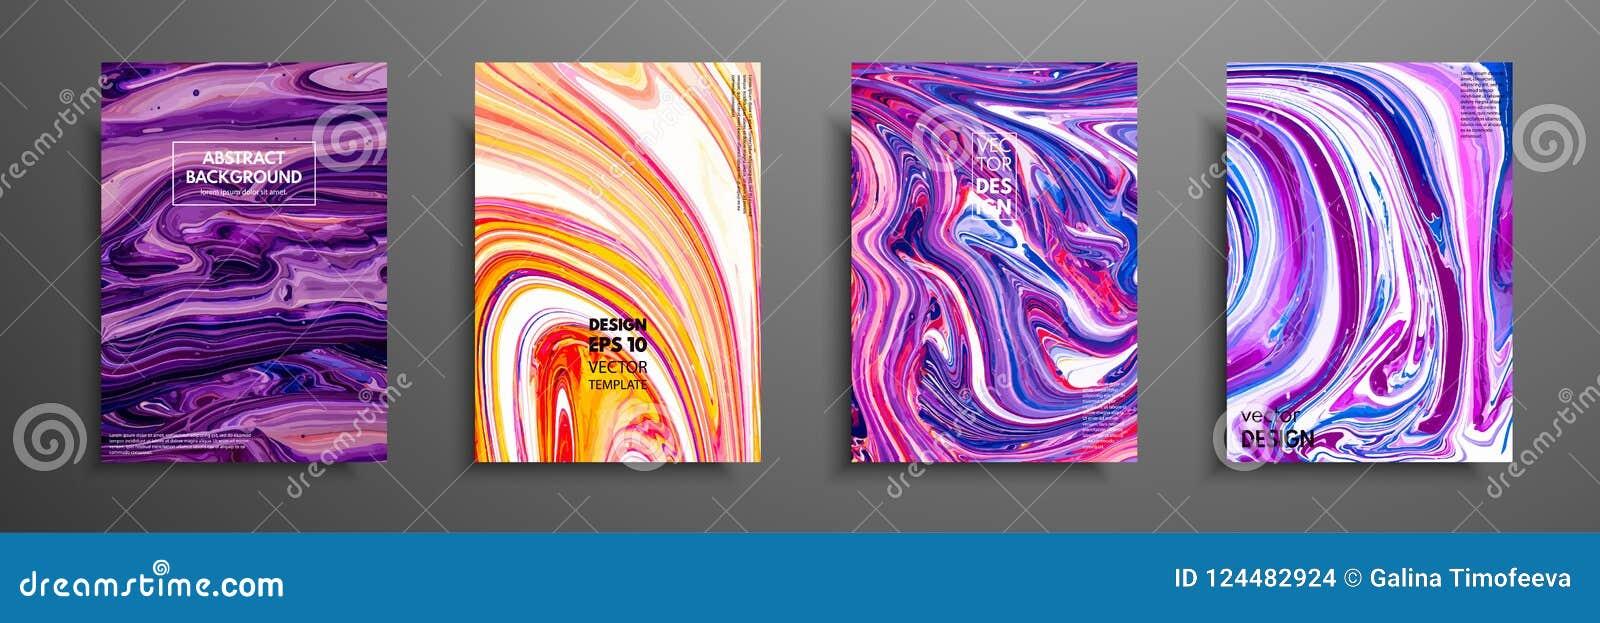 Комплект всеобщих карточек вектора Жидкостная мраморная текстура Красочный дизайн для приглашения, плаката, брошюры, плаката, зна